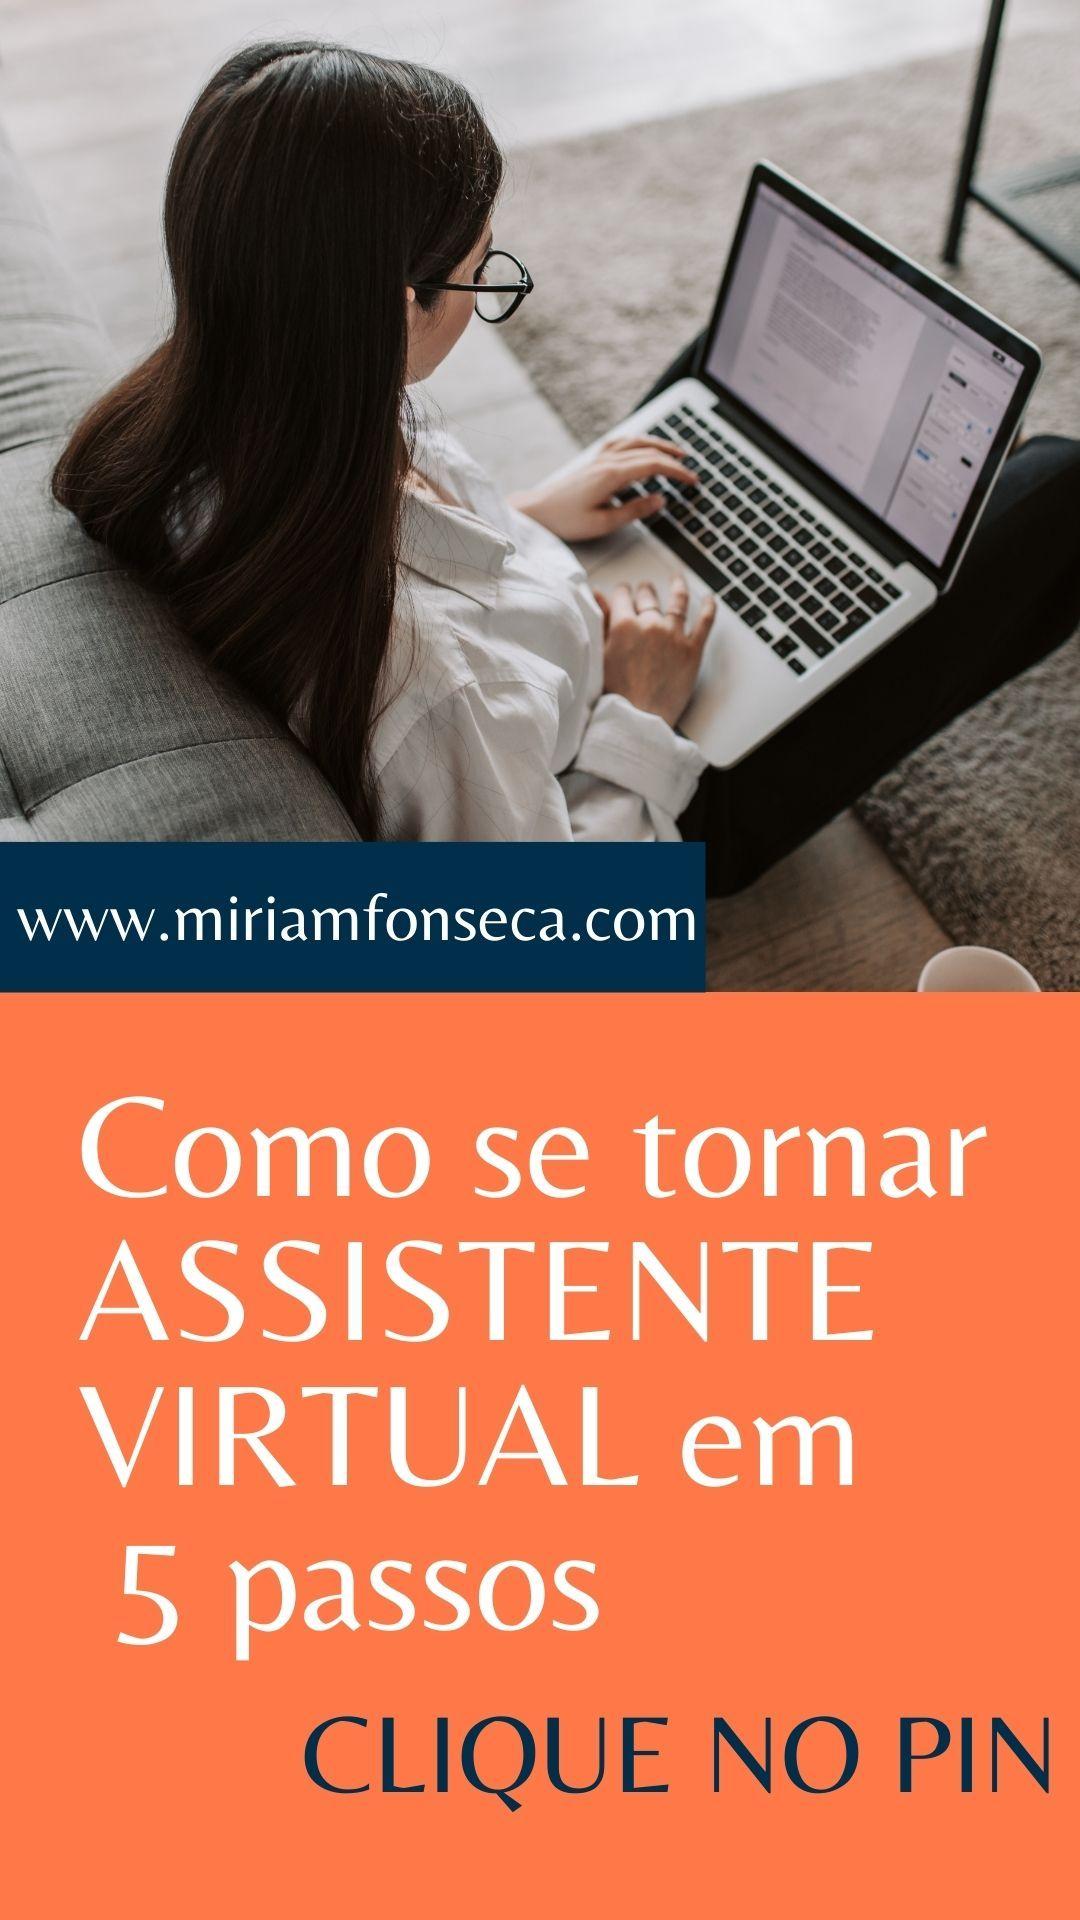 Como se tornar assistente virtual em 5 passos